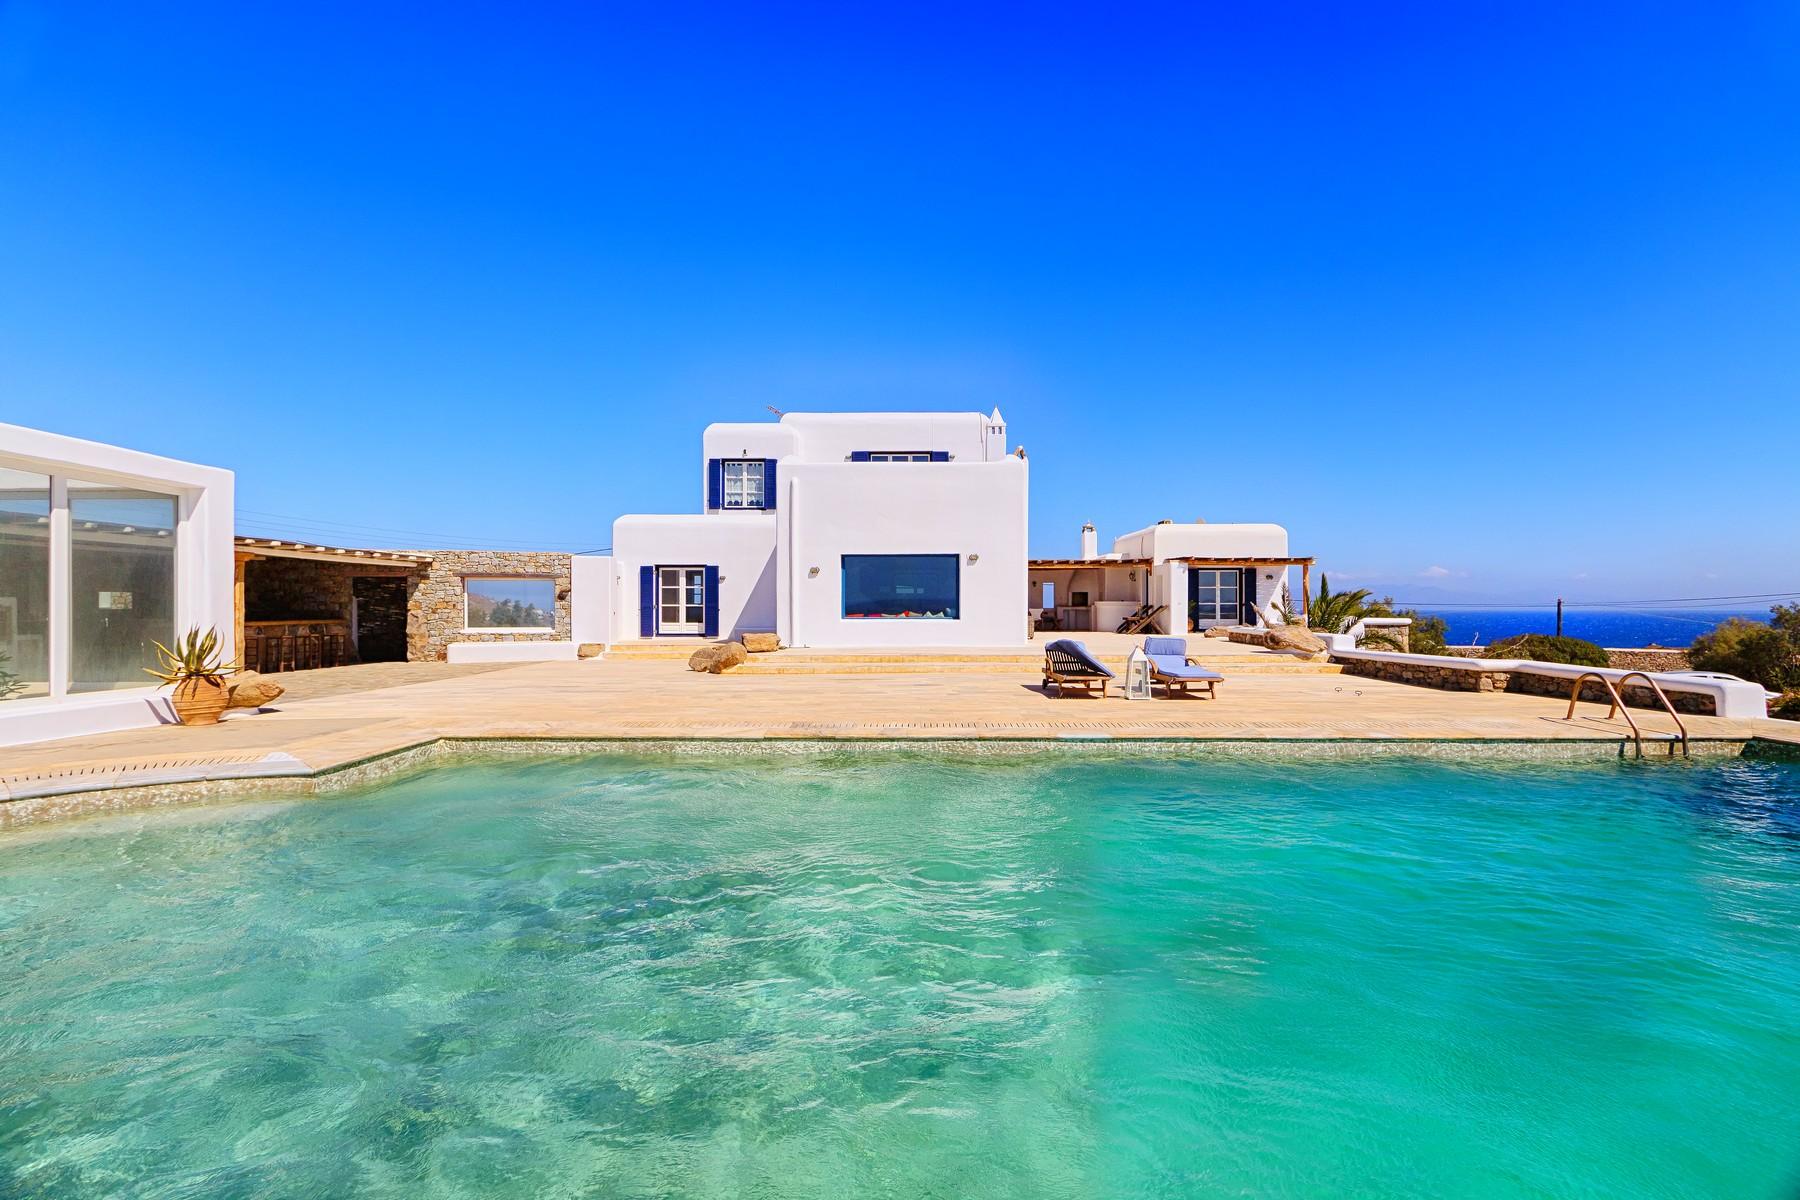 Частный односемейный дом для того Аренда на Sea Front Villa Aleomandra, Mykonos, Cycldes, Aegean Mykonos, Южная Часть Эгейского Моря 84600 Греция